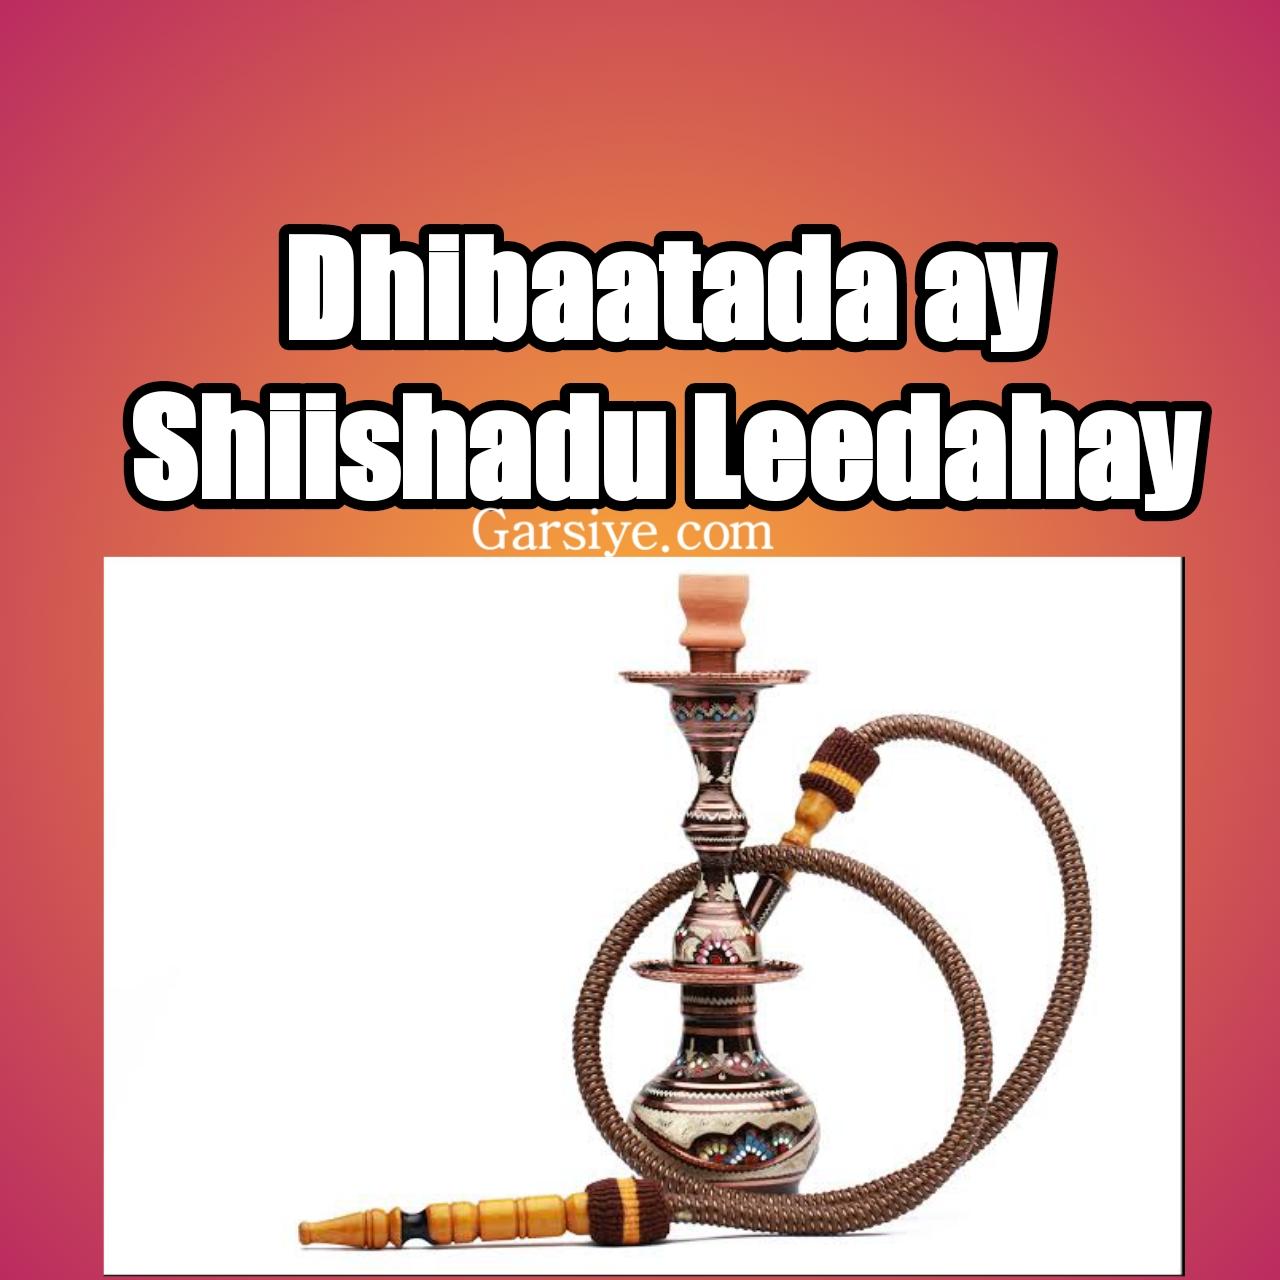 shiishada,shiishad,shisha smoking,halista shiishada hookah,muqdisho,dhaqan xumada rag iyo dumarka wada caba shiishada,somaliland,kenya oo laga mamnuucay shiishada iyo cudur halis ah,siigo,hargeysa,sigaarka,hees,heeso,niiko,somali,somalia,dirisle abdi,#dirisle abdi,musalsal,xidigaha,sh mustafe,siil.naag,qosol,simba,fiska,heeso cusub,siil iyo gus,sh.mustafe,tahriib,farhiya,farxiyo fiska,dirisle,kismayo,idirisle,igu qaado,kismaayo